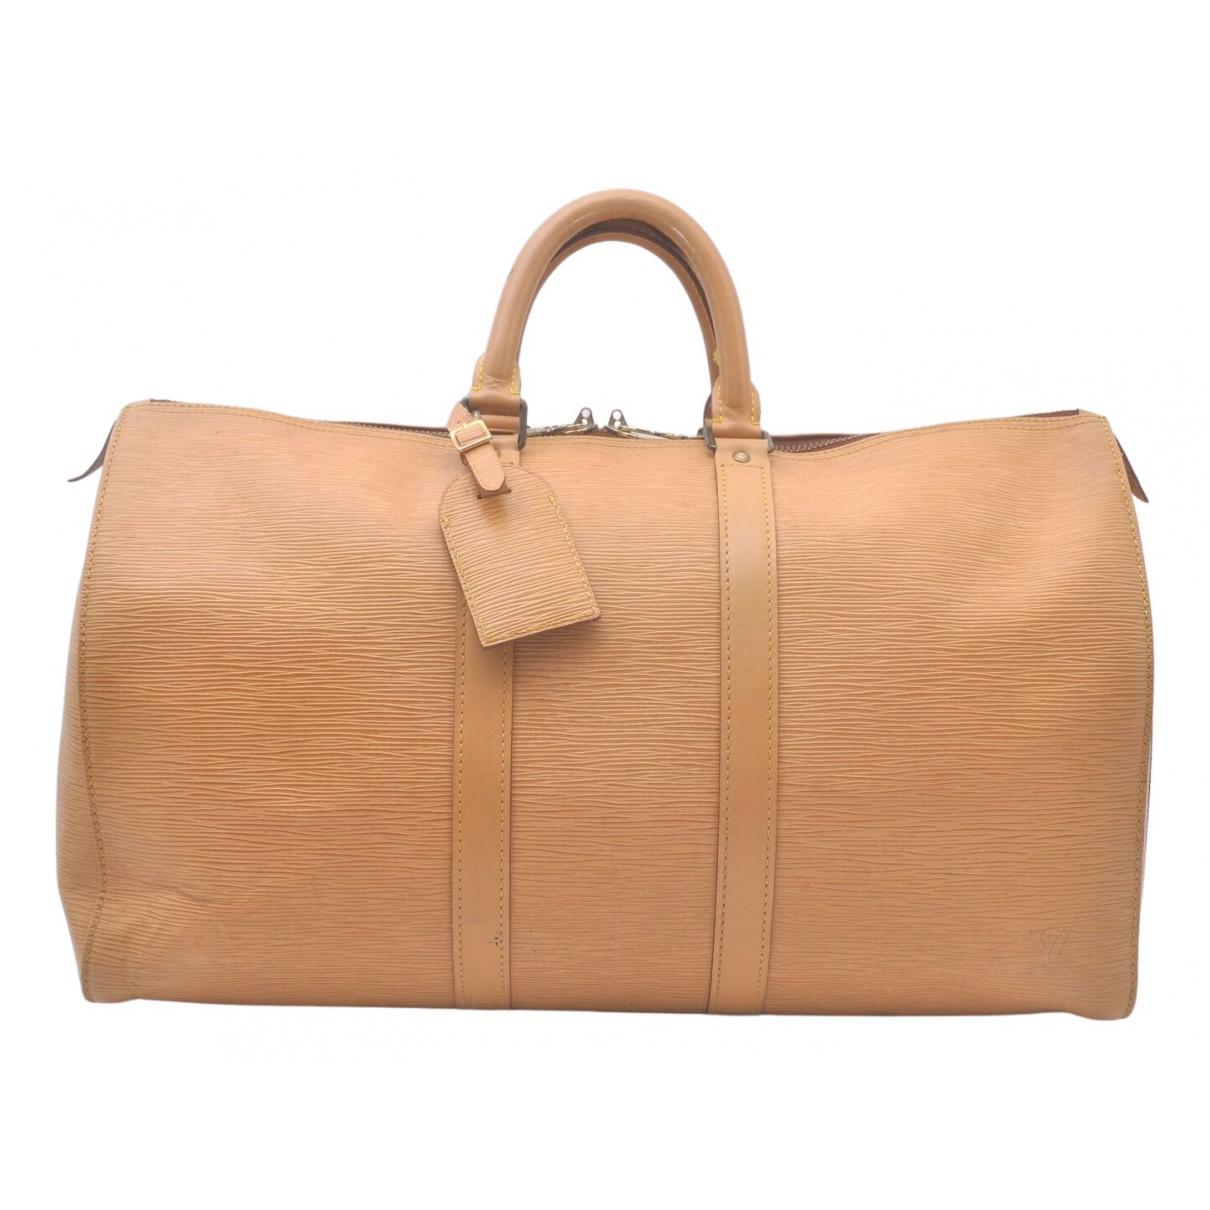 Louis Vuitton - Sac de voyage Keepall pour femme en cuir - beige